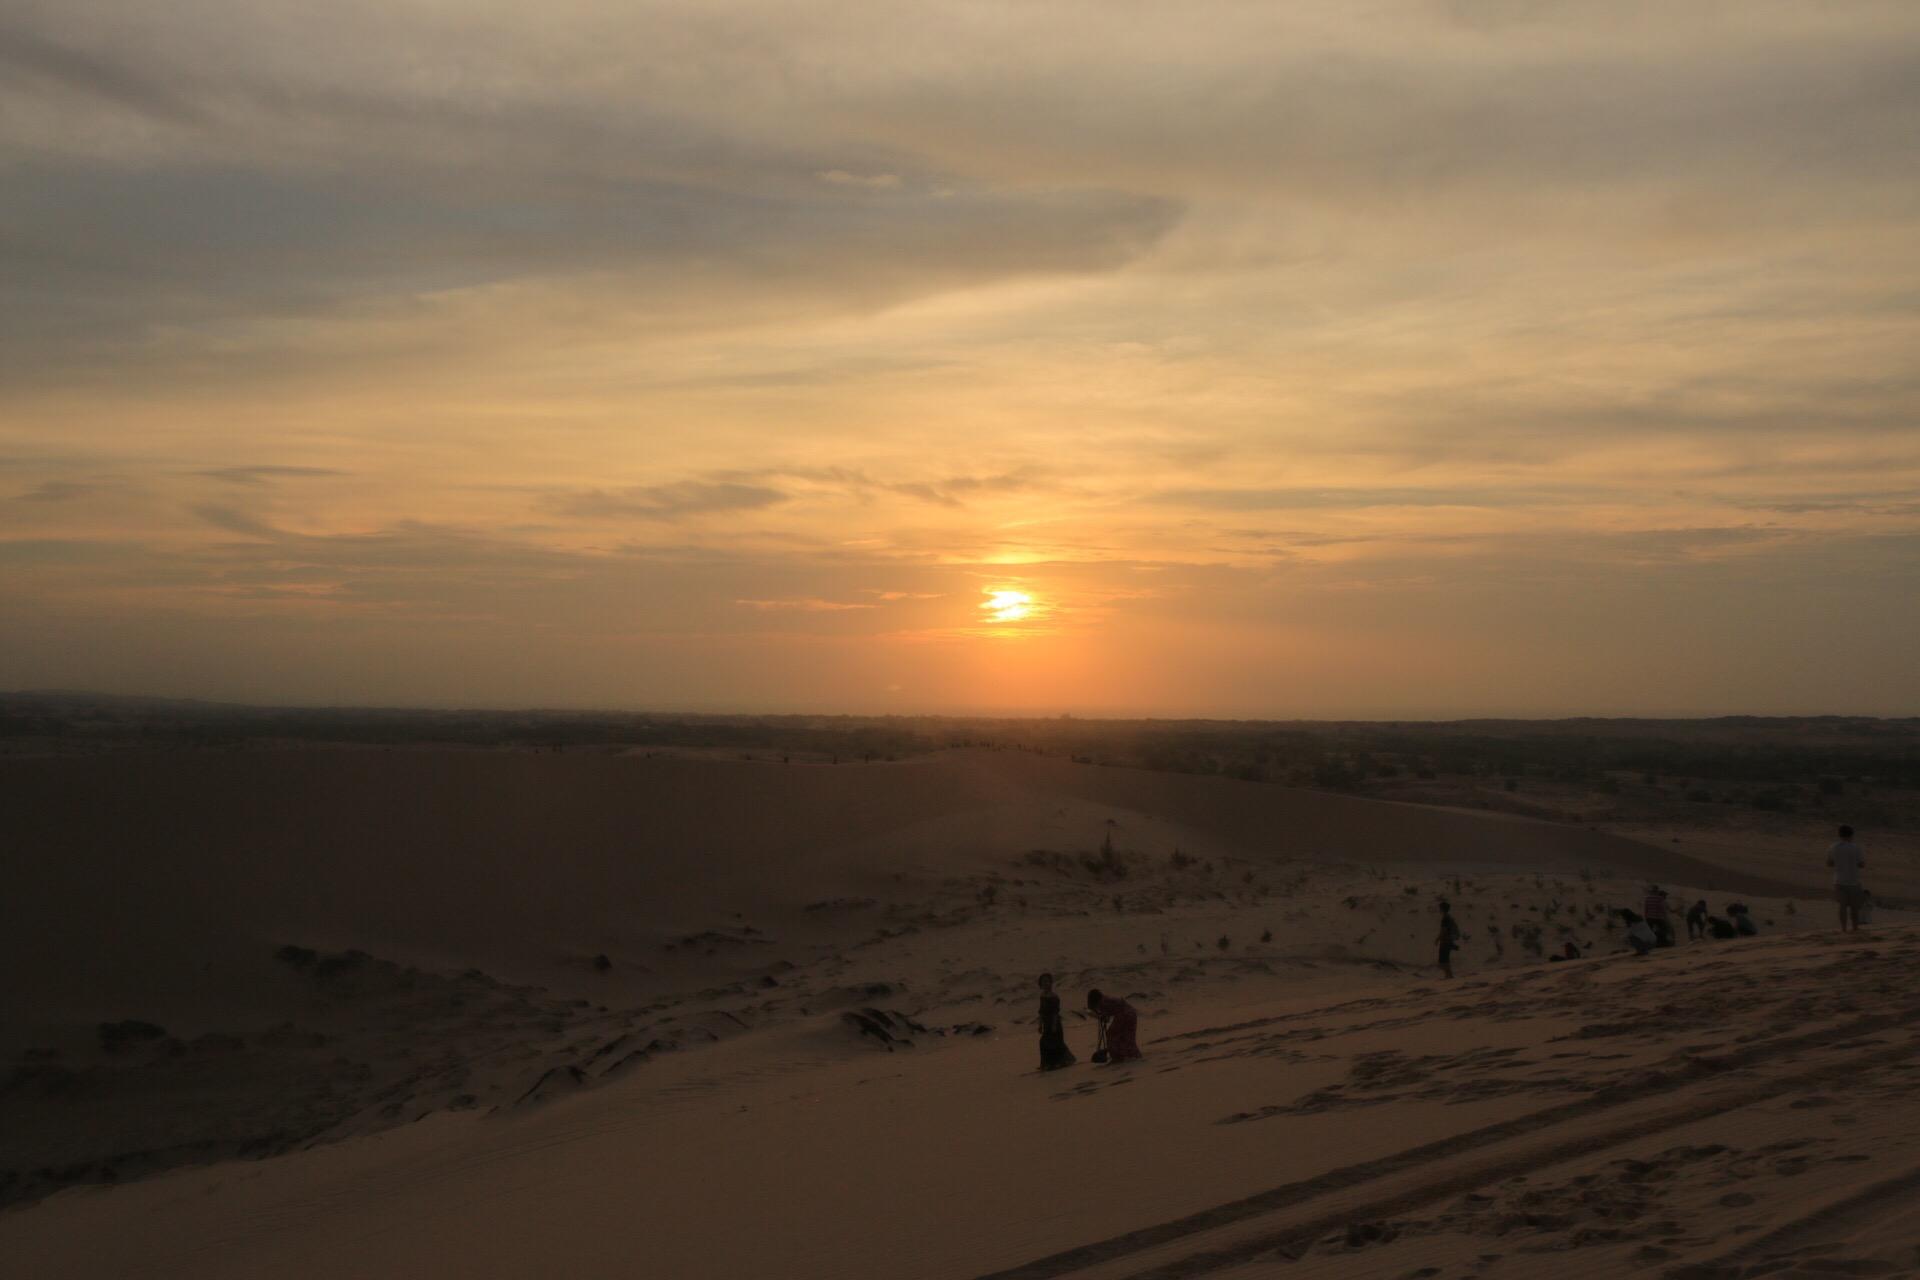 Punkt 6 Uhr - die Sonne ließ sich blicken!